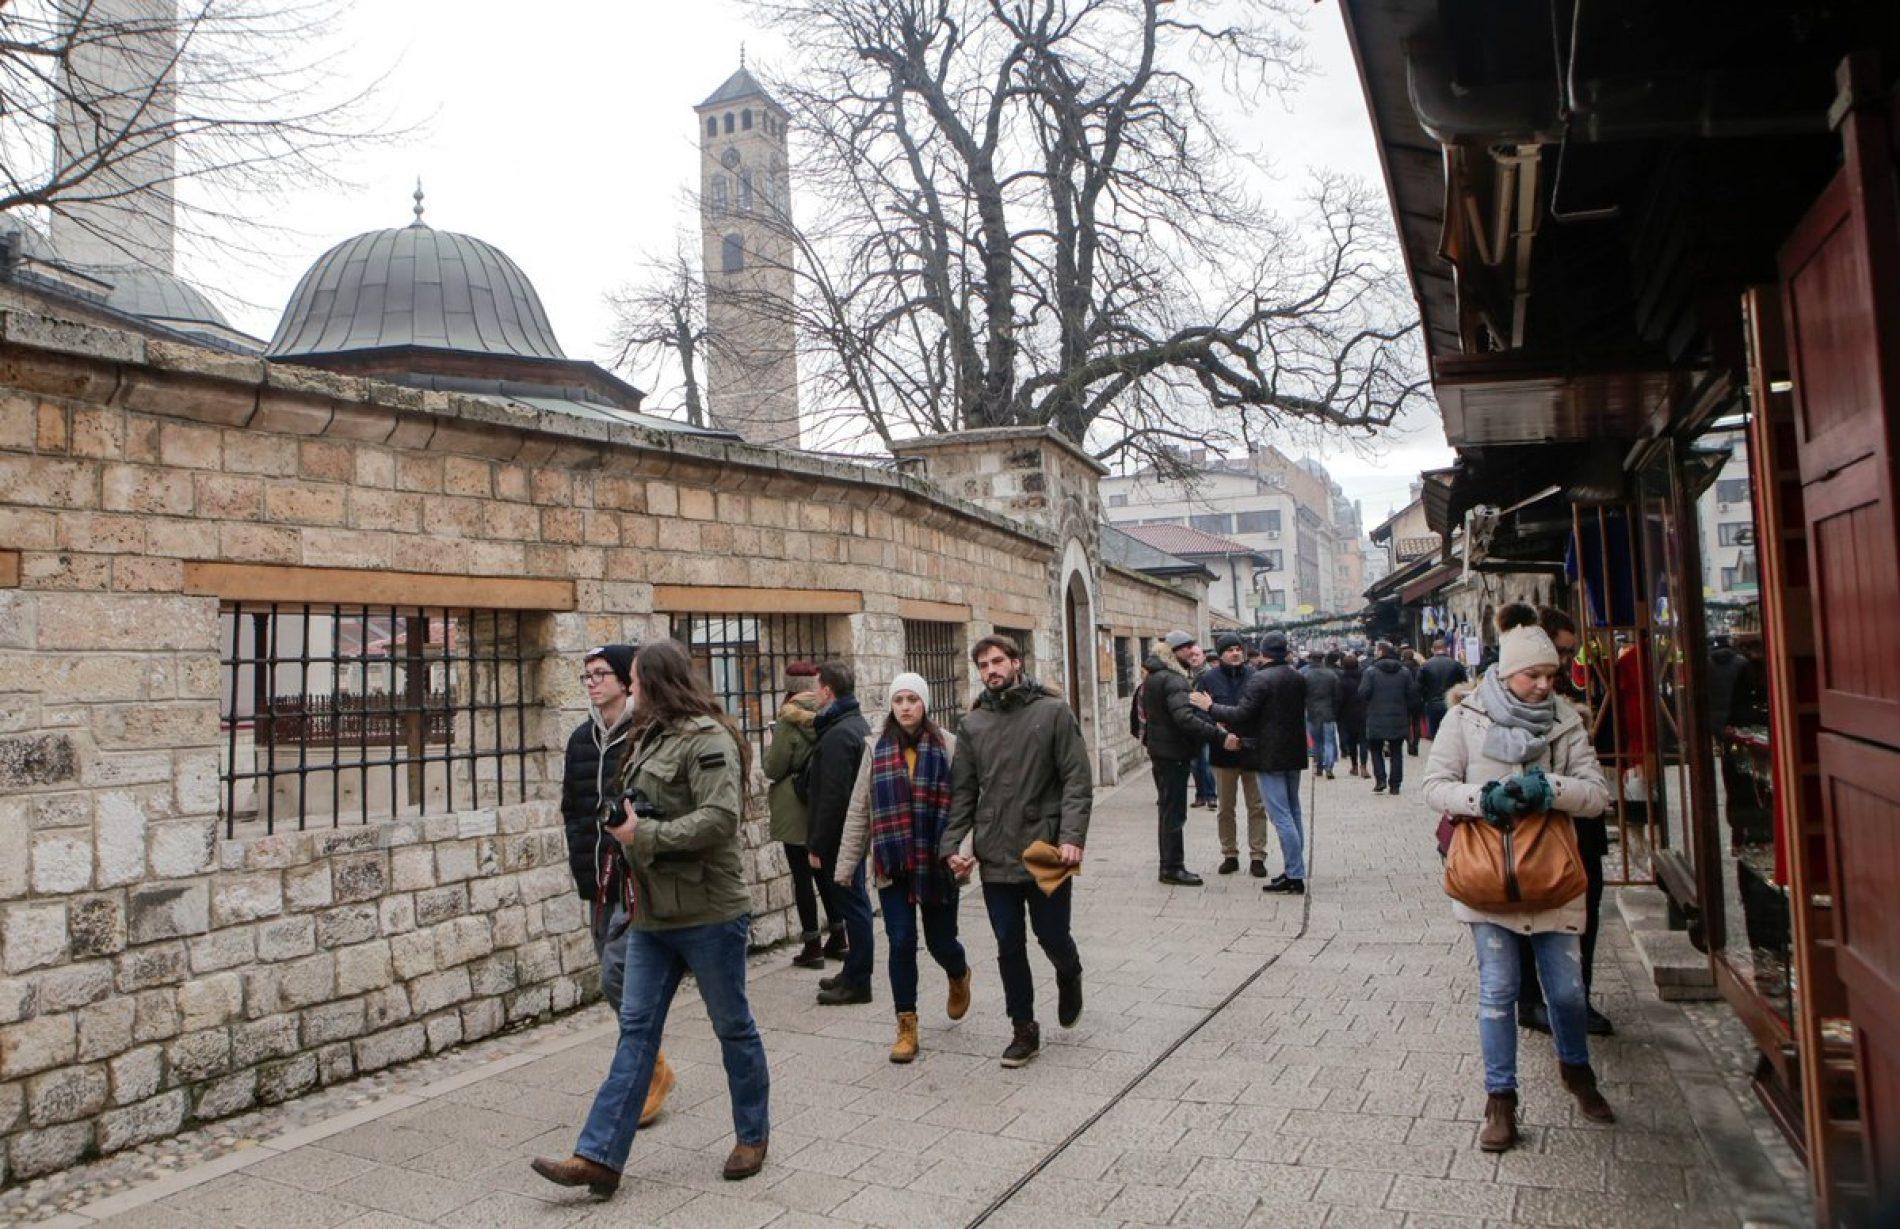 Brojni turisti u šetnji ulicama Sarajeva prvog dana 2018: Fotografisanje pored Sebilja za uspomenu